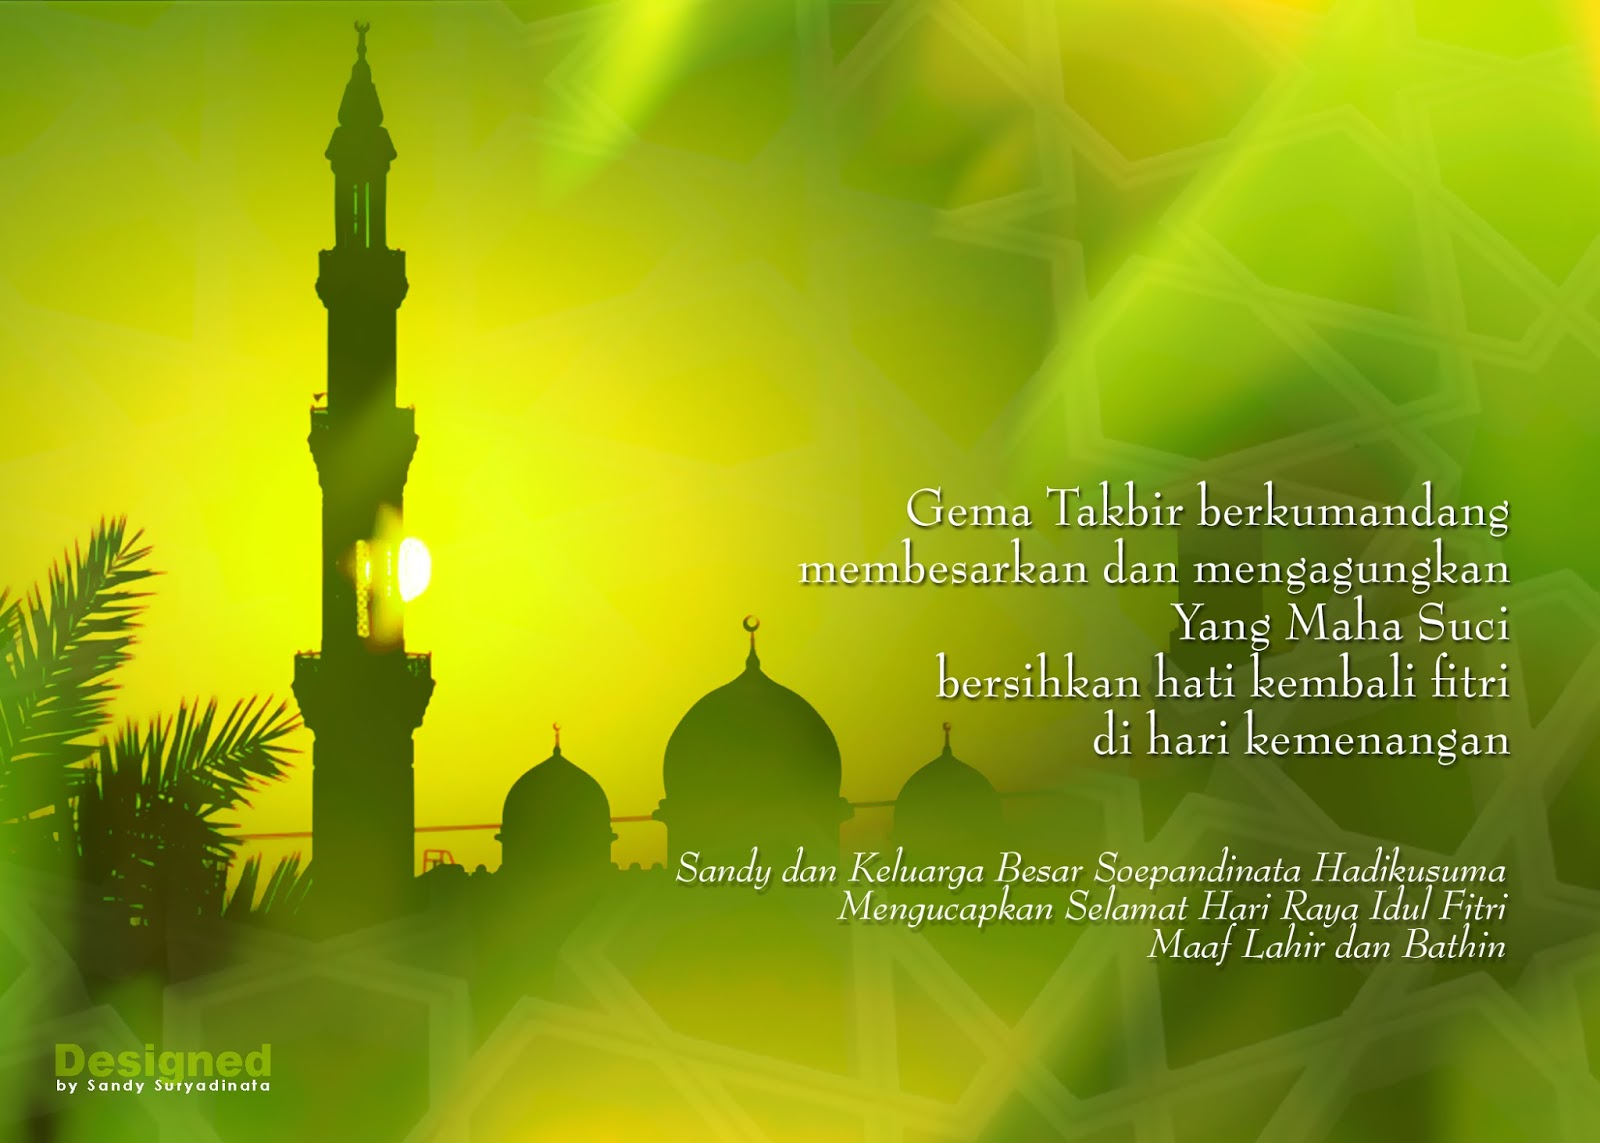 Kumpulan Gambar Ucapan Selamat Hari Raya Idul Fitri 1435 H